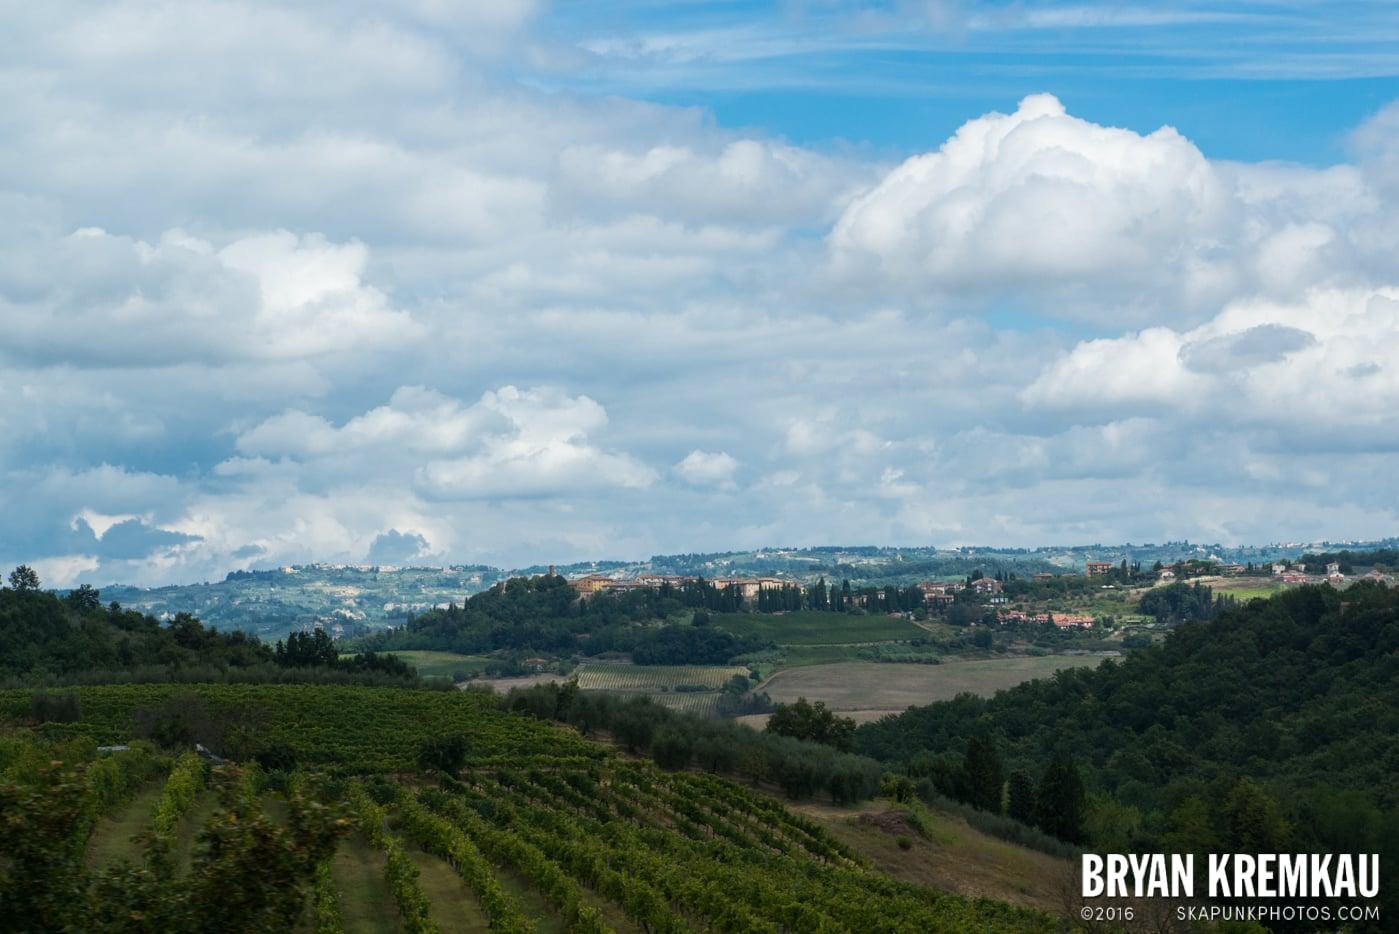 Italy Vacation - Day 8: Siena, San Gimignano, Chianti, Pisa - 9.16.13 (111)